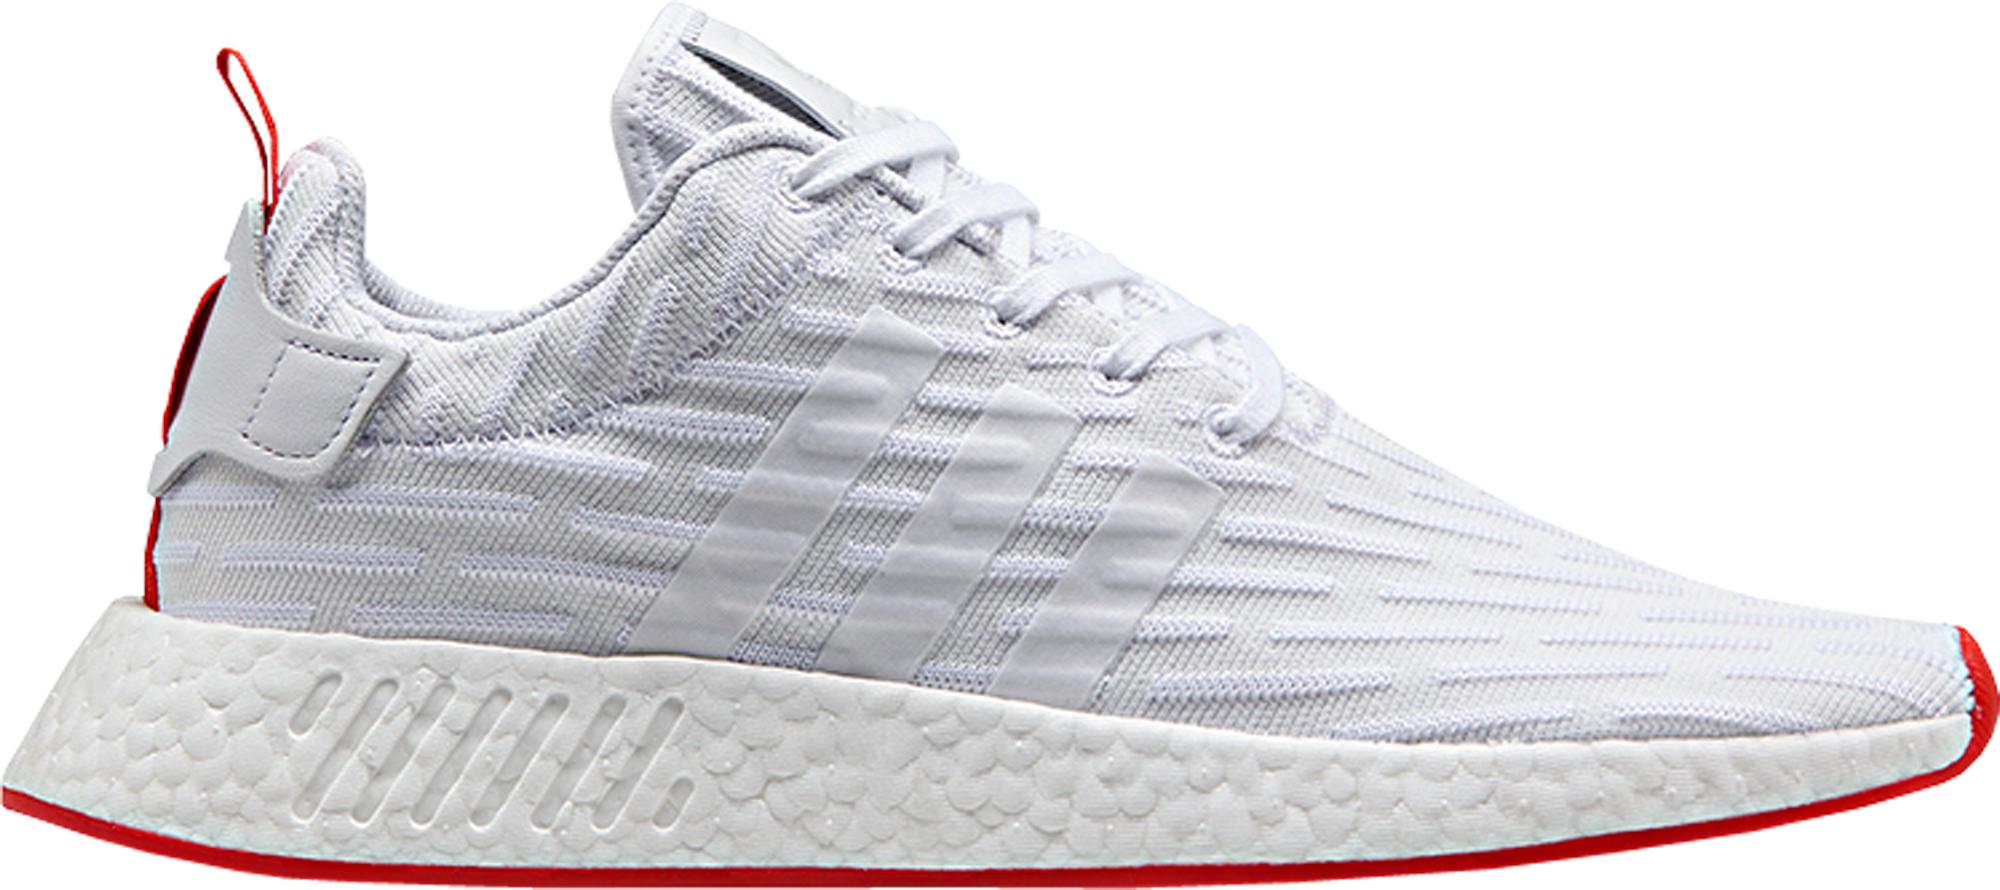 Adidas zapatos precio premium NMD R2